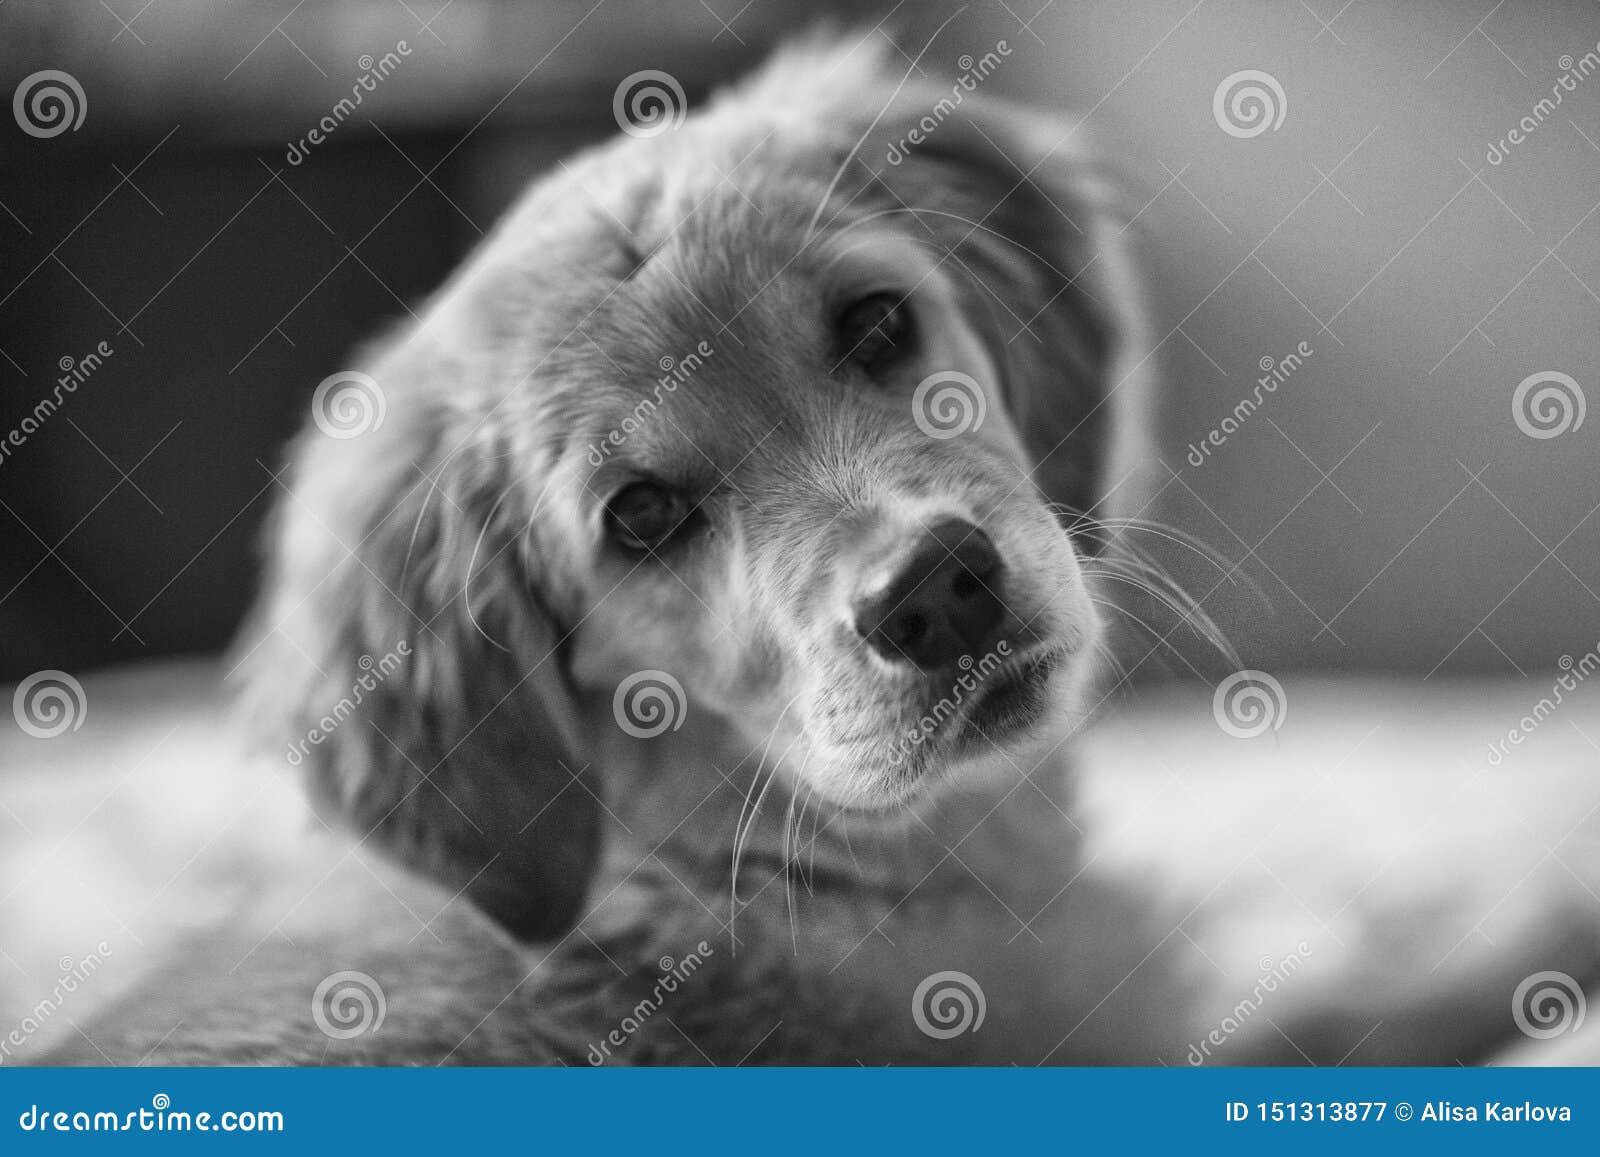 Perrito juguet?n El perrito elegante se está preparando para sentir bien a una guía para la gente ciega